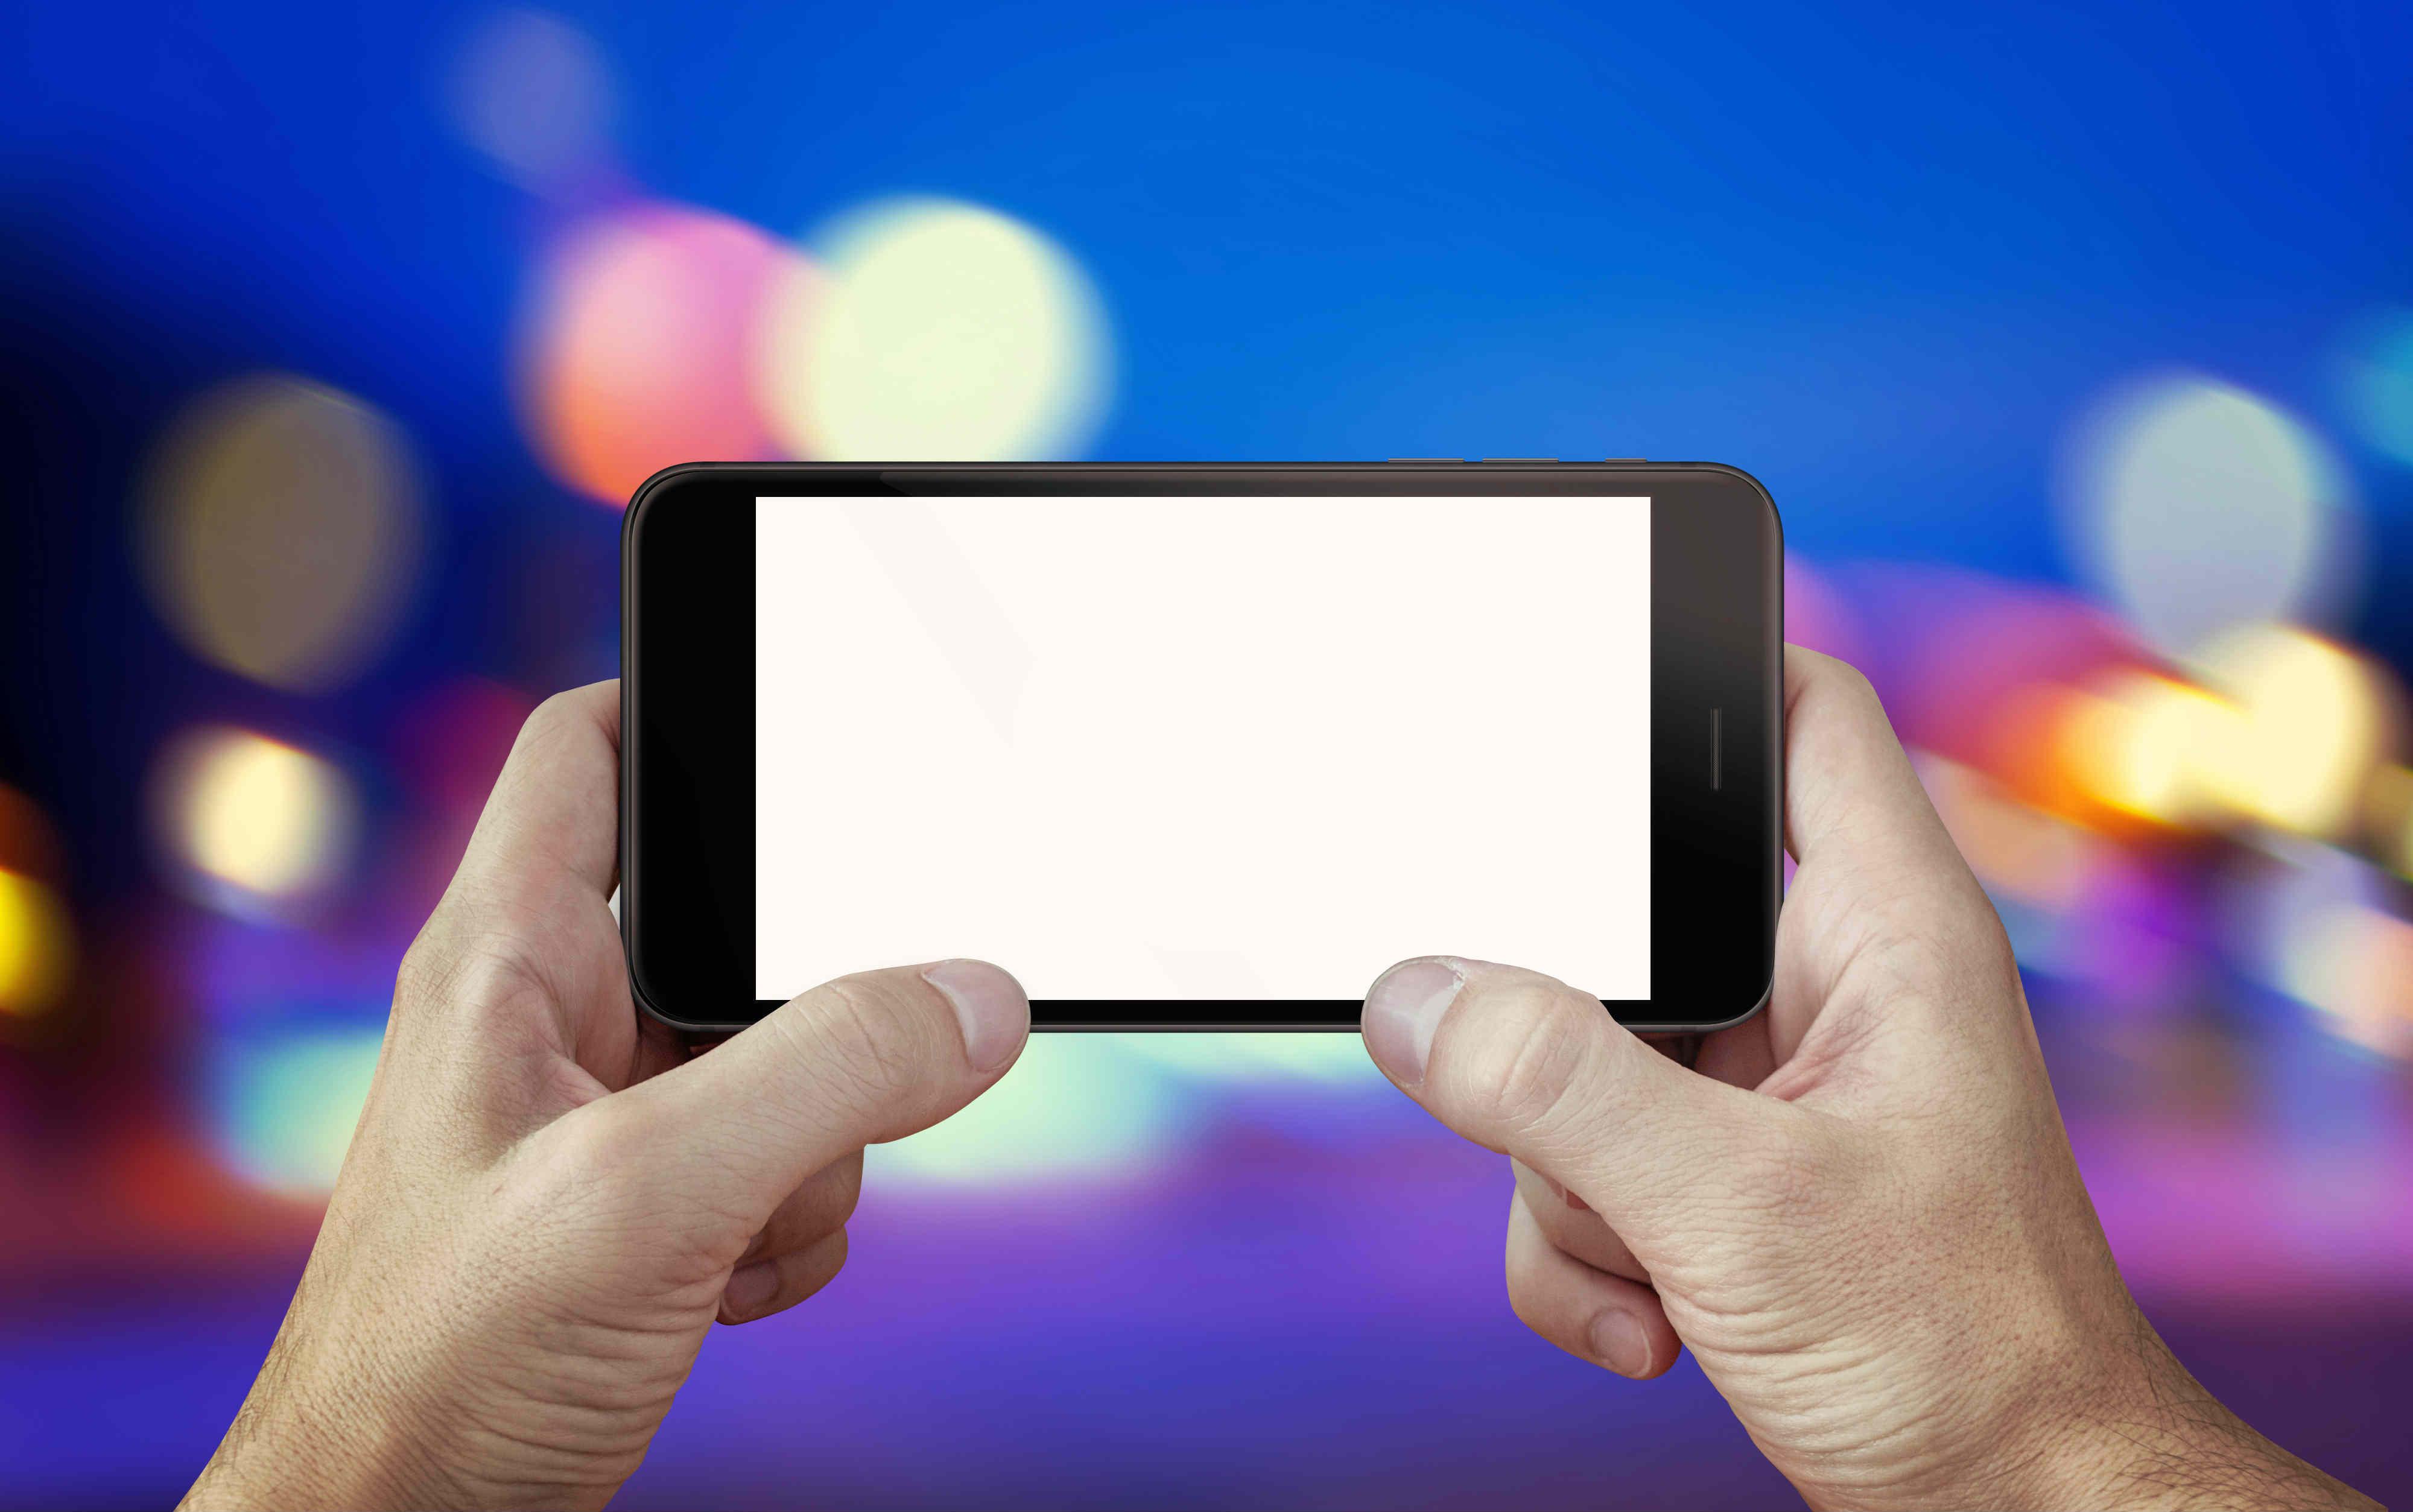 携帯乗り換え(MNP)でモバゲーを引き継ぐ方法!おすすめサービス3選